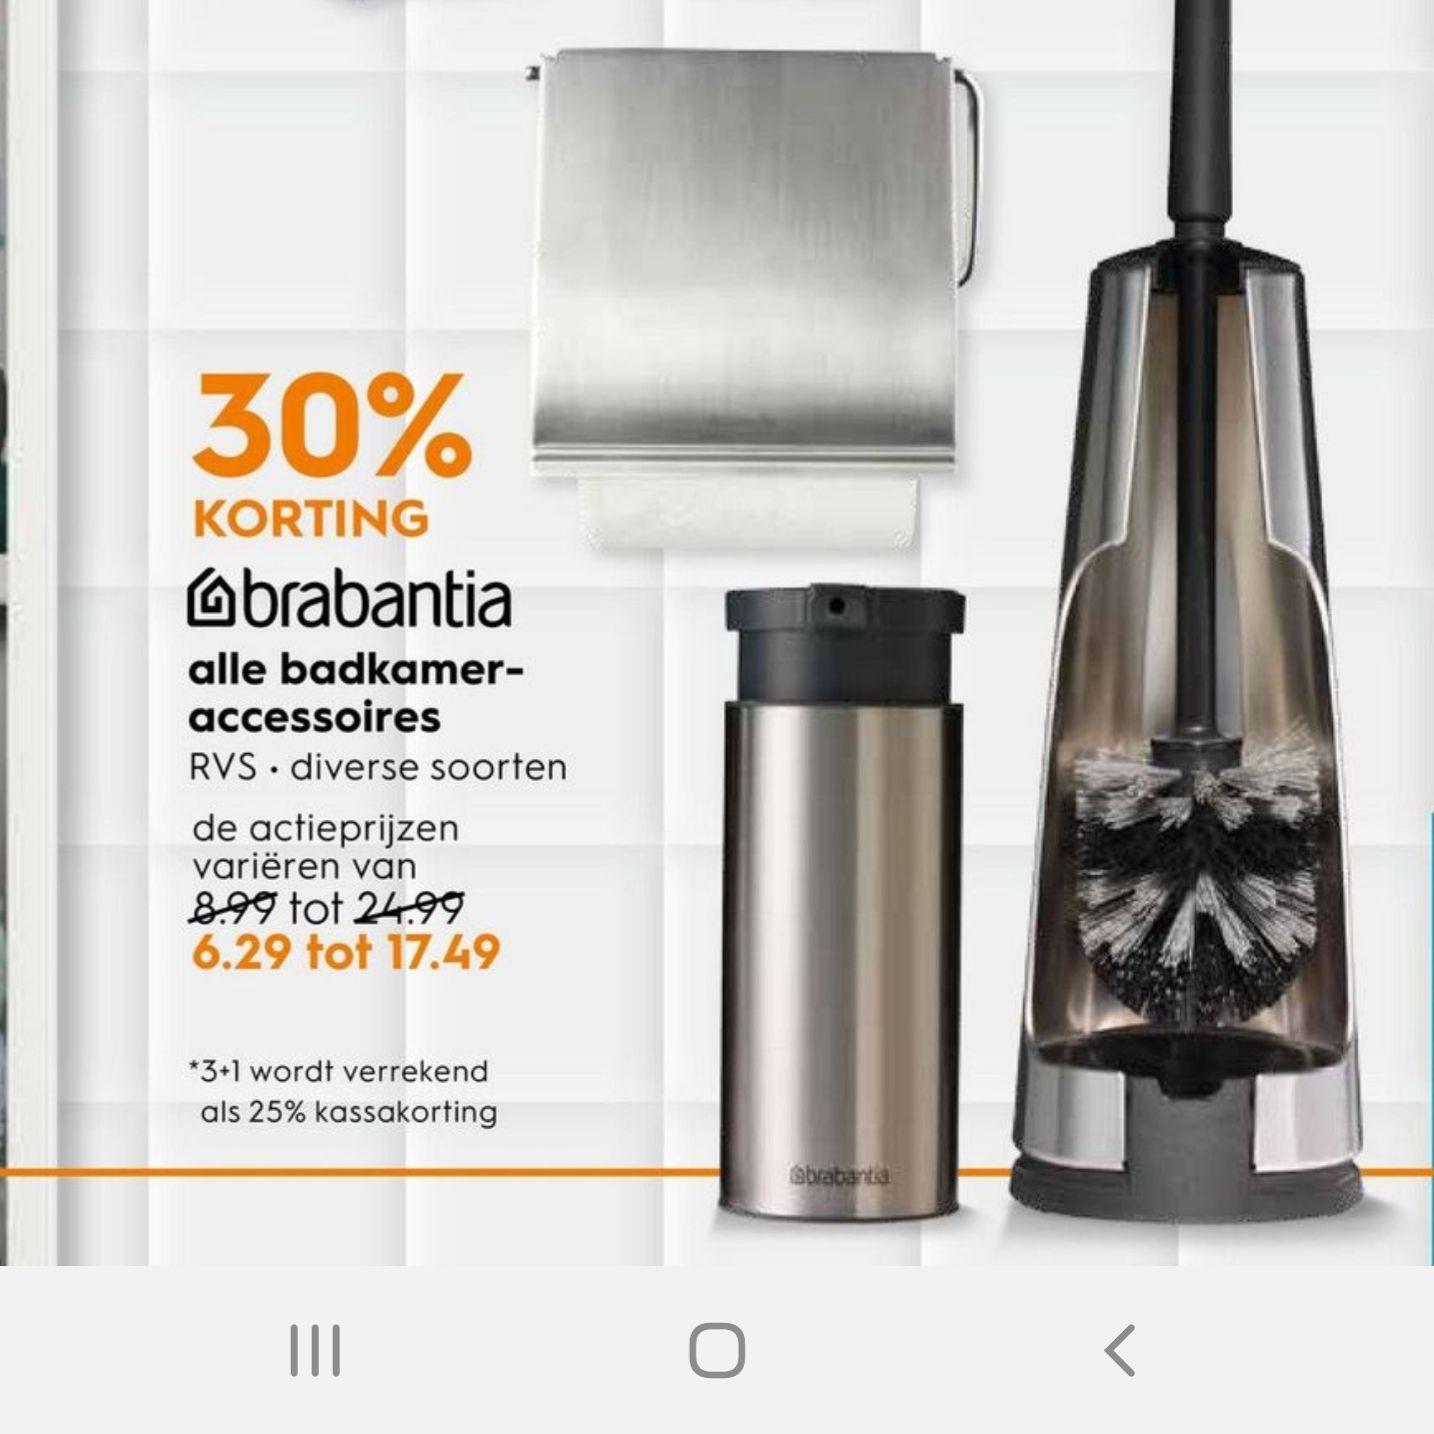 30% korting op Brabantia - hele badkamer accessoires vanaf *Maandag* b.v. wc borstel €17,49